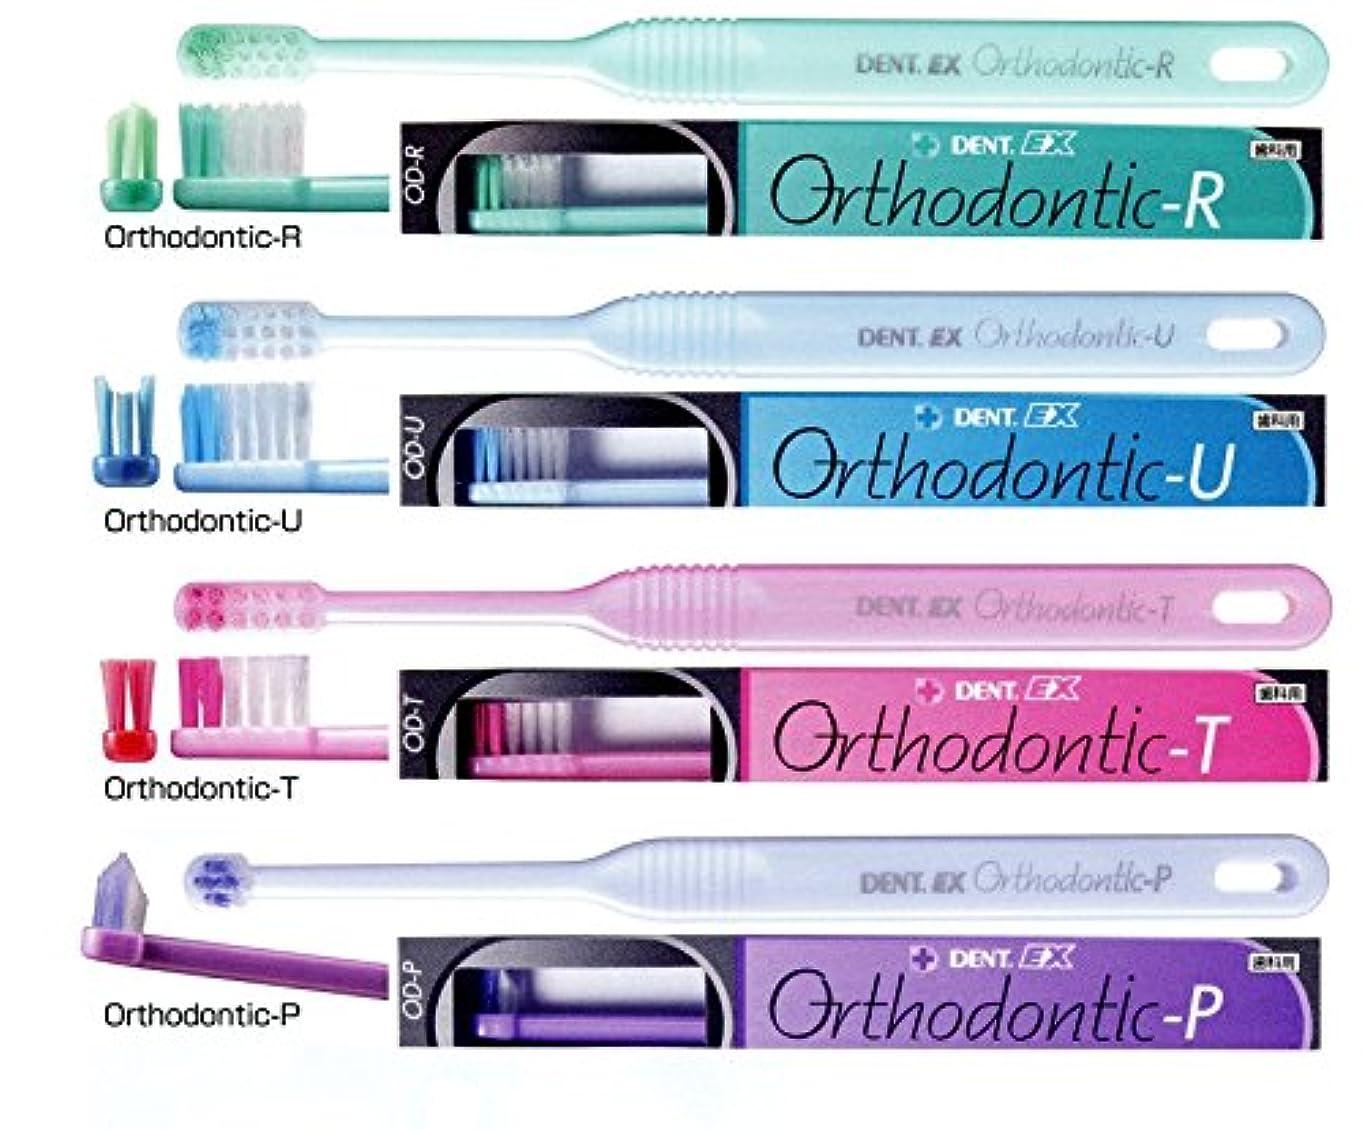 で出来ているプリーツ聴覚障害者ライオン オルソドンティック 歯ブラシ DENT.EX Orthodontic-P/パールパープル